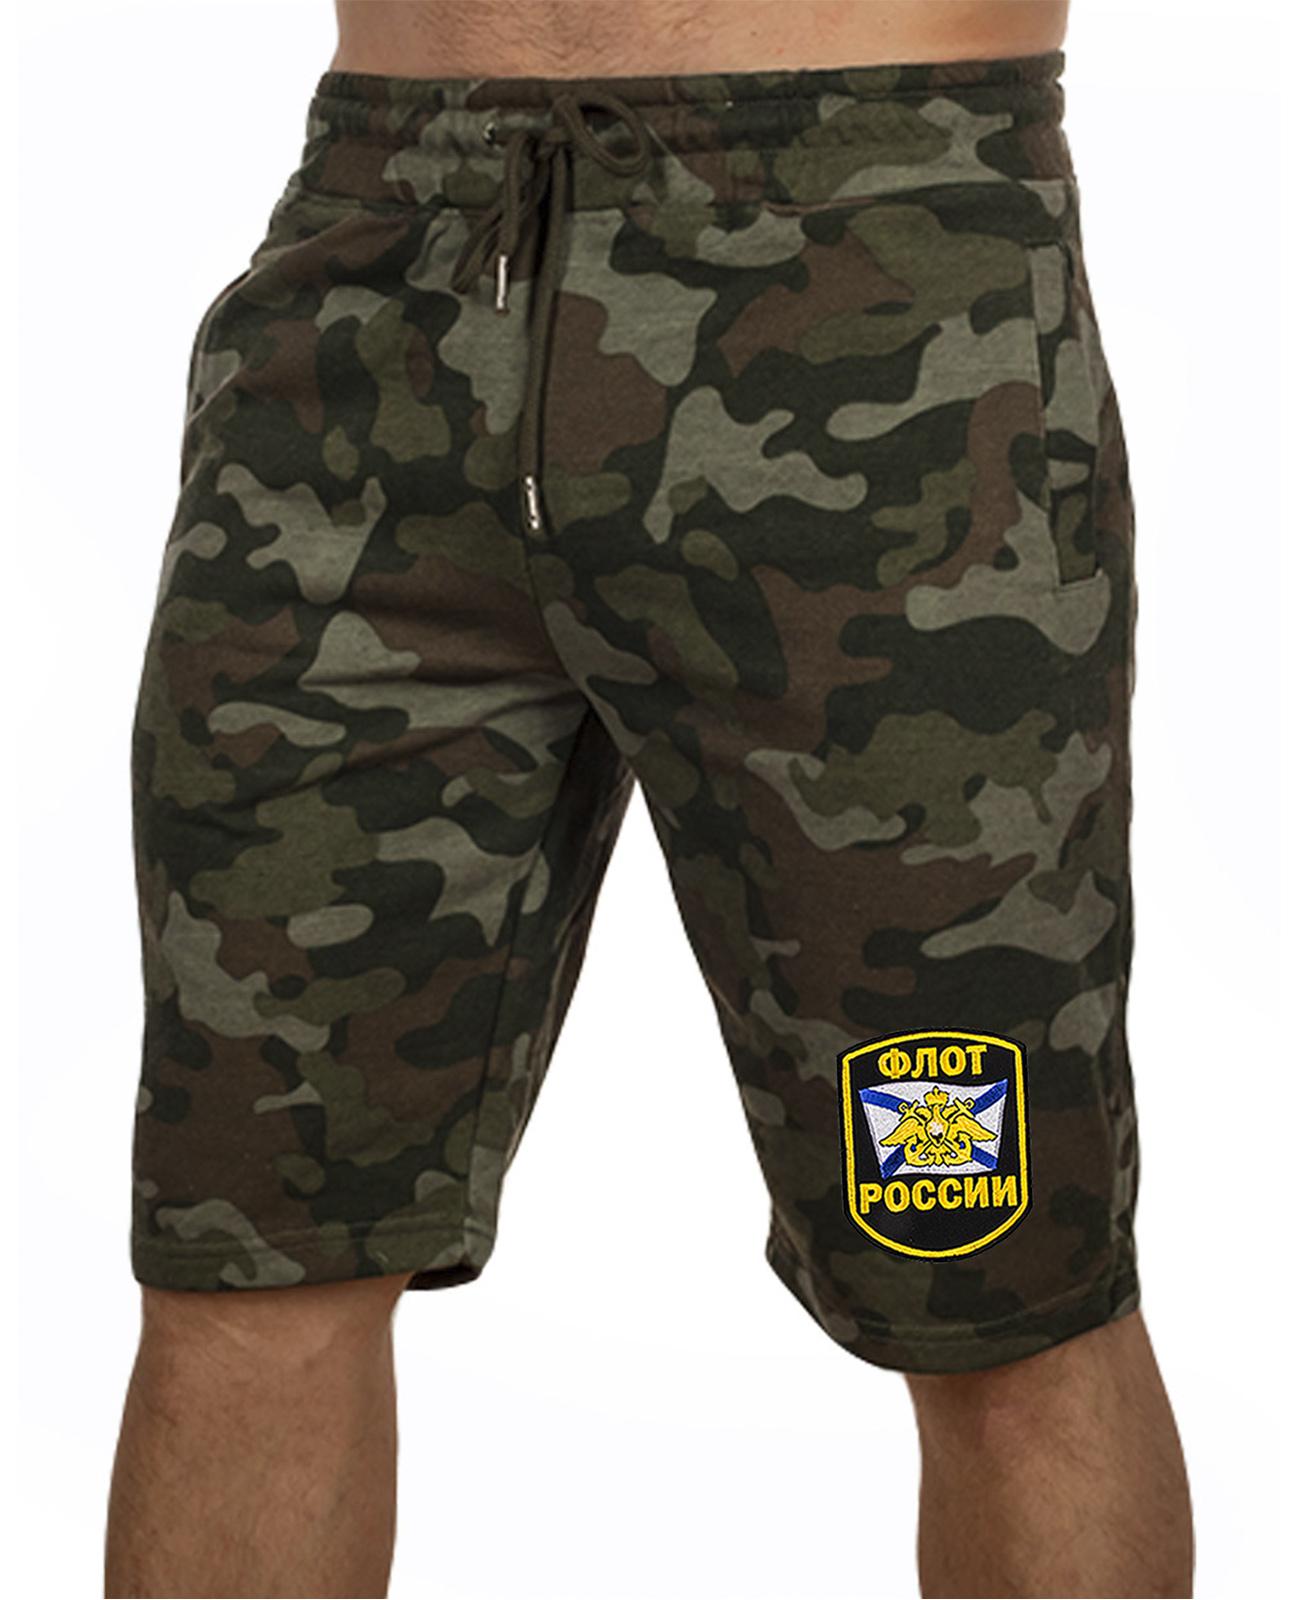 Купить удлиненные армейские шорты с нашивкой Флот России в подарок моряку